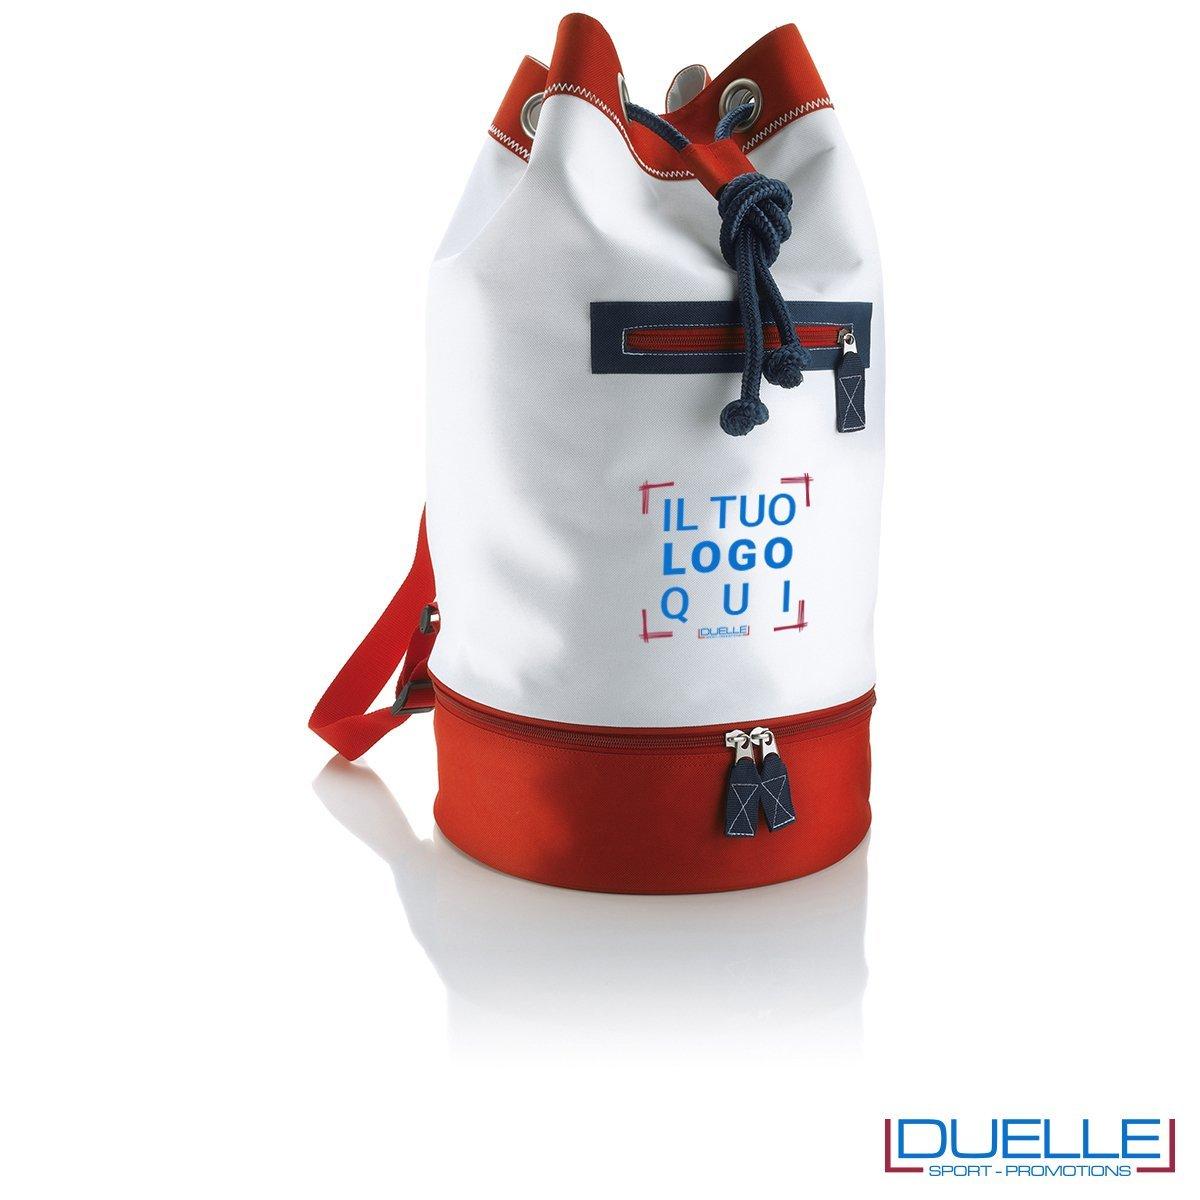 sacche mare personalizzate bianca e rossa, zaini mare personalizzabili